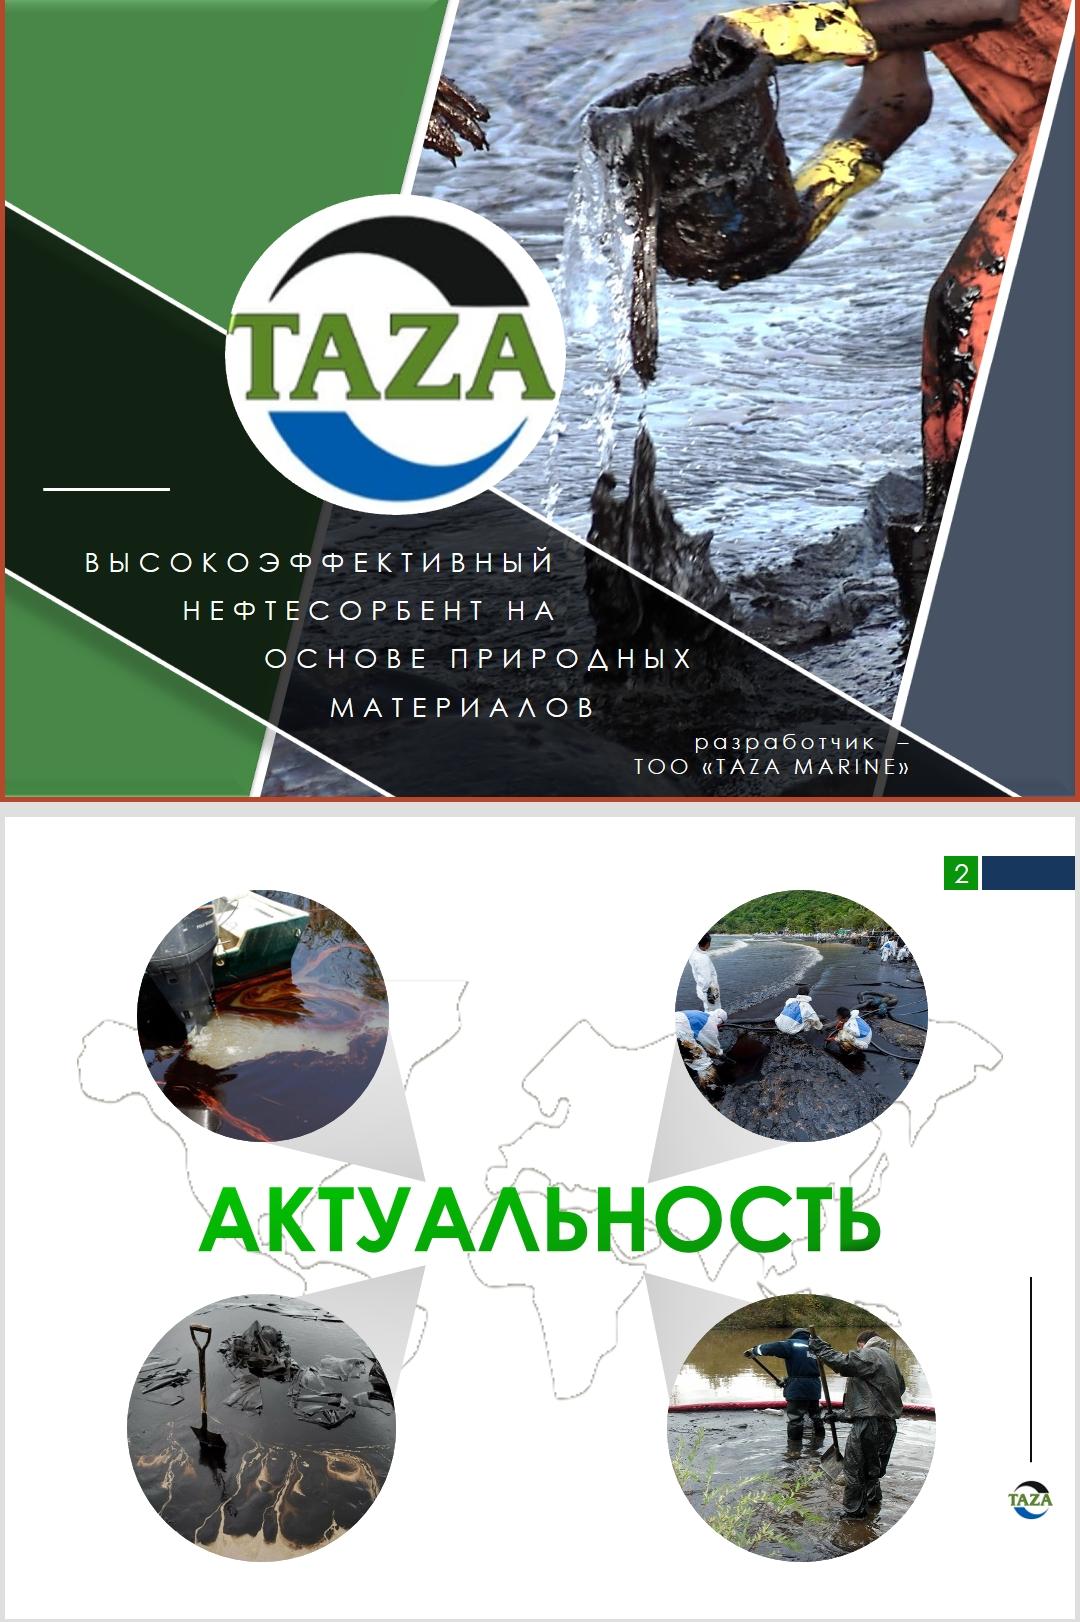 """Фото Презентация для привлечения партнеров нефтесорбента """"TAZA"""""""